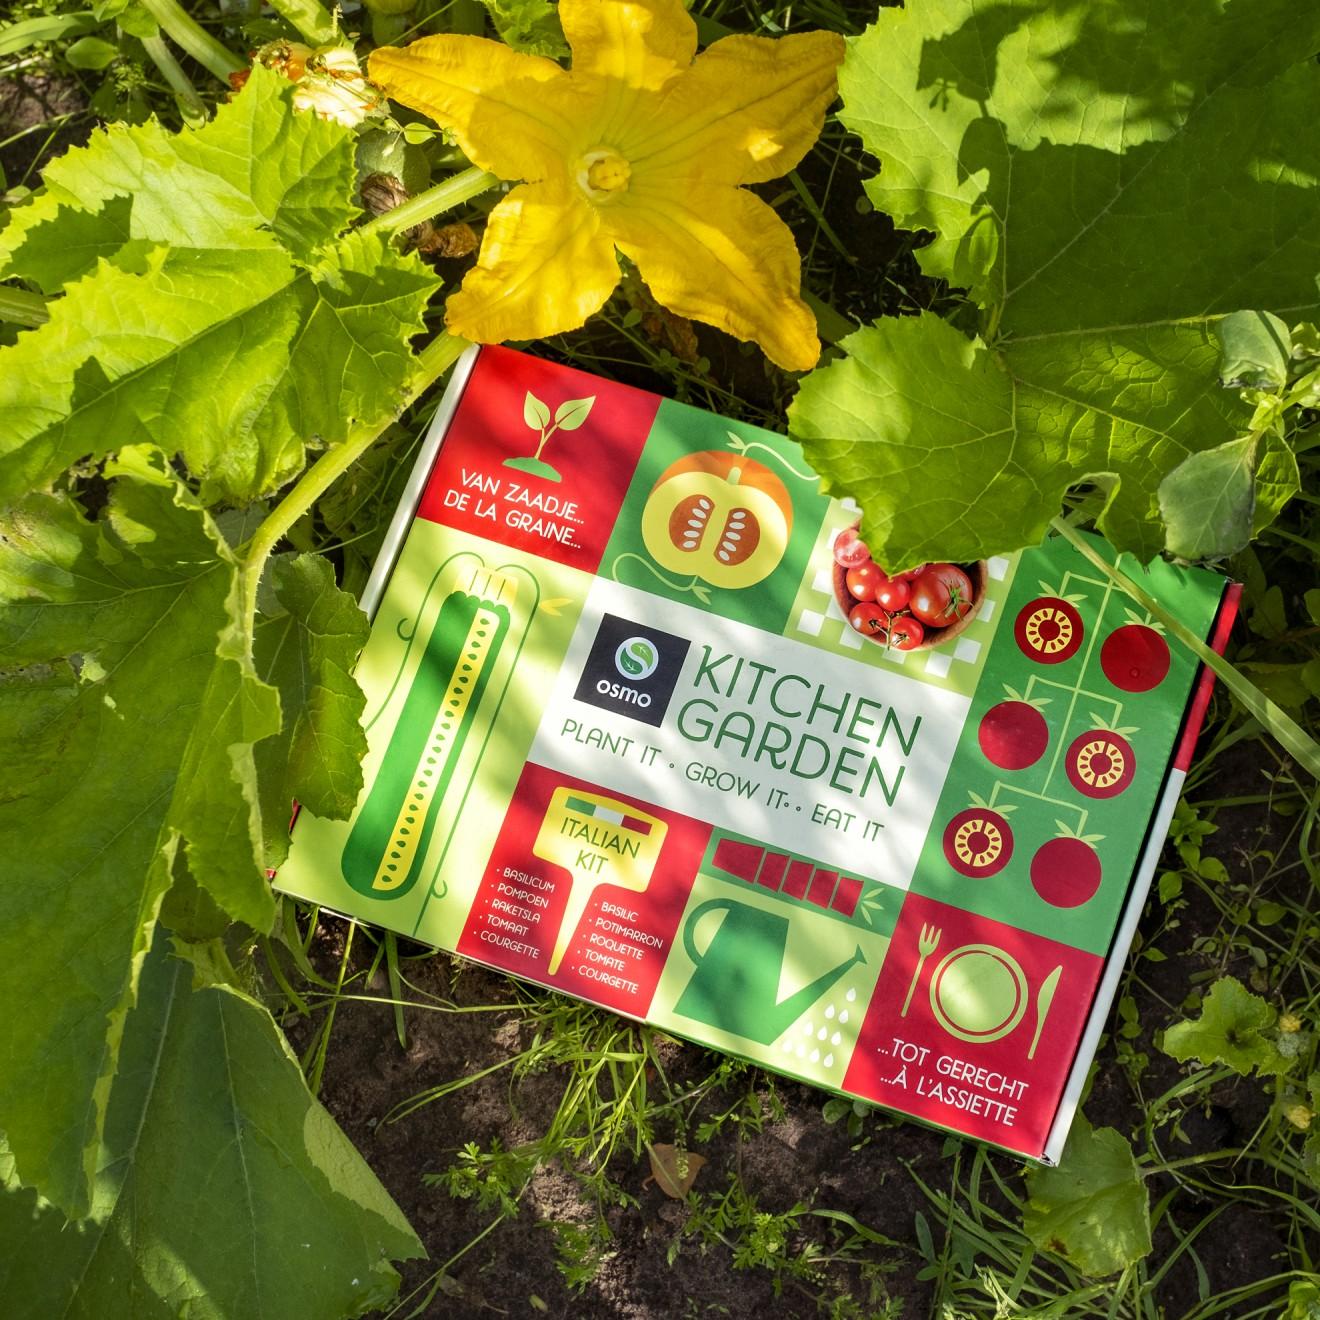 Quatre Mains package design - box, courgette, tomato, soil